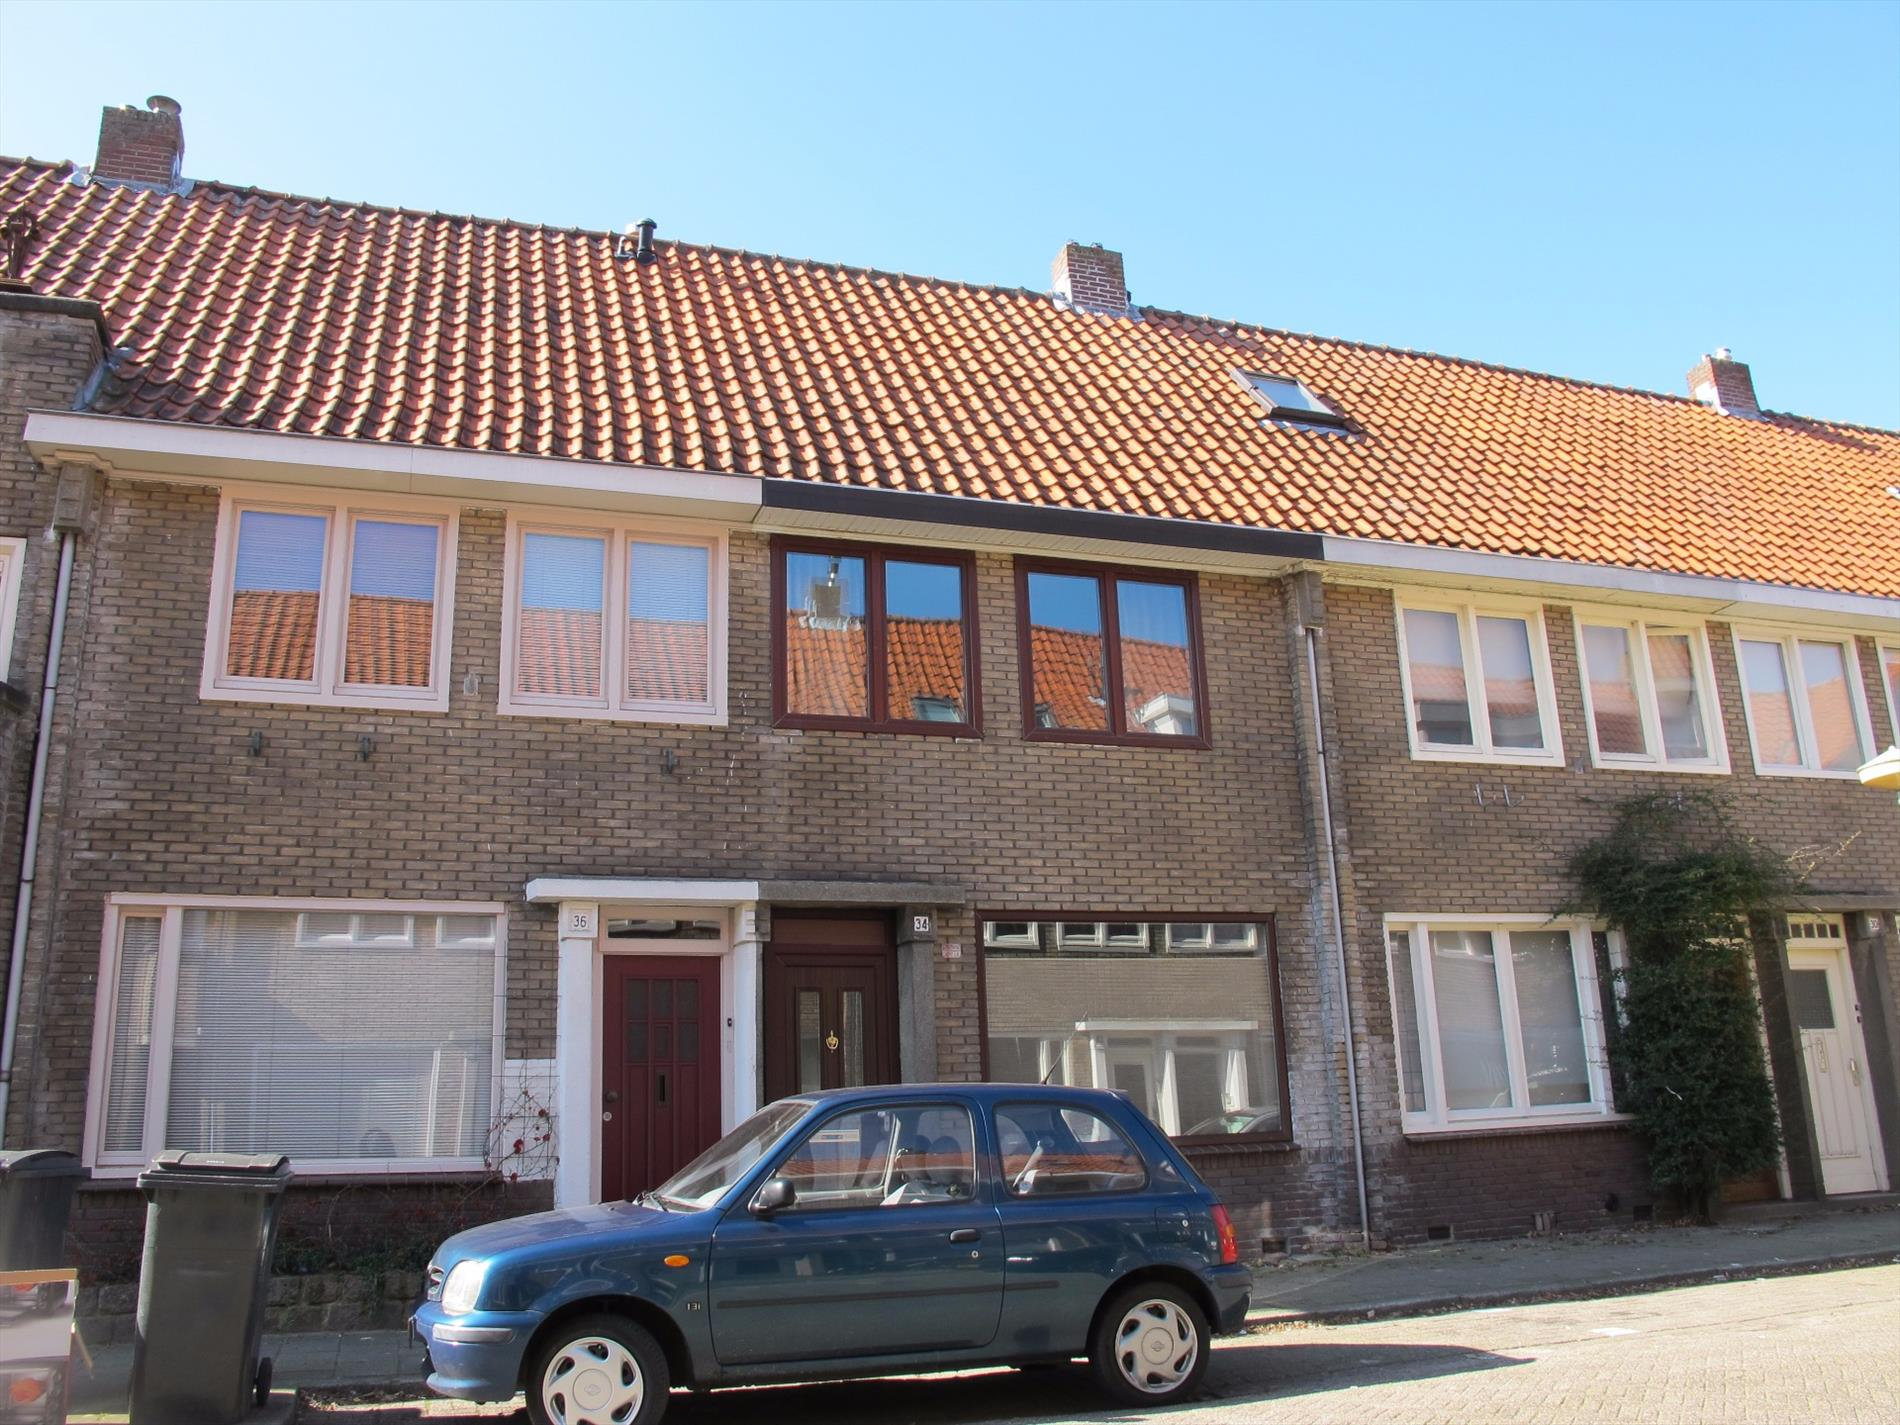 Margrietstraat, Eindhoven